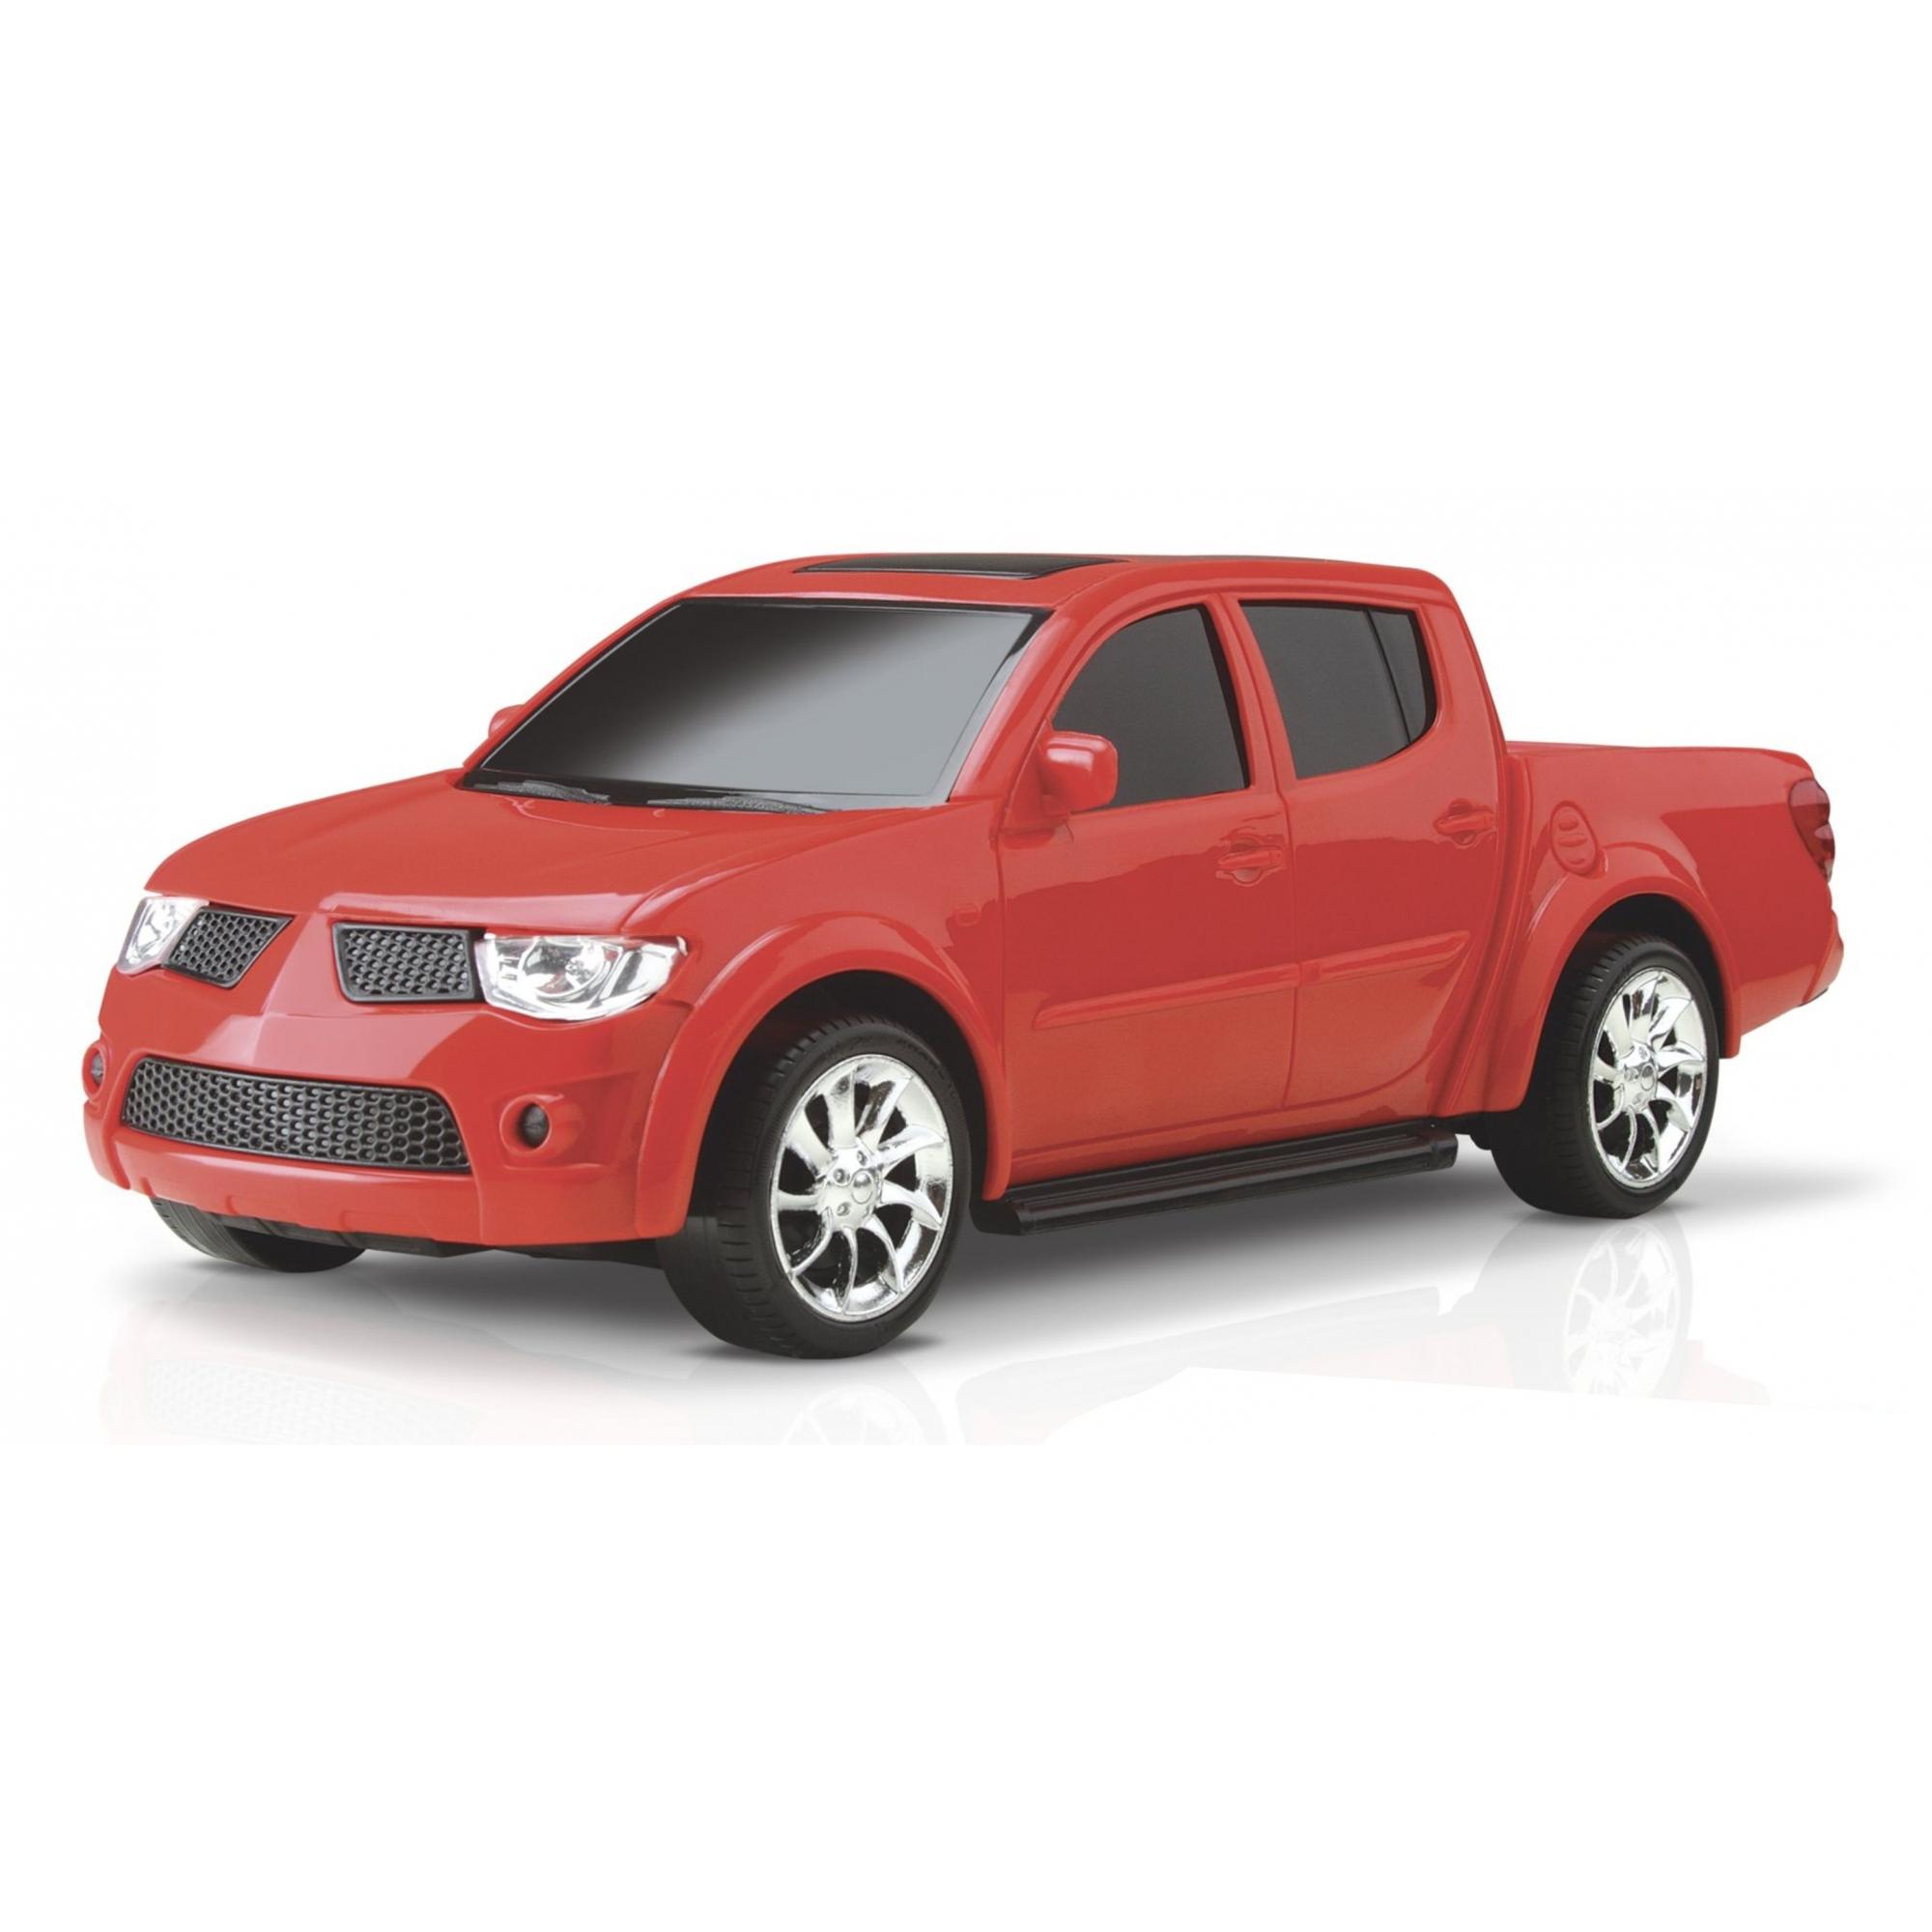 Pick-Up RX - Sport - Roma Brinquedos